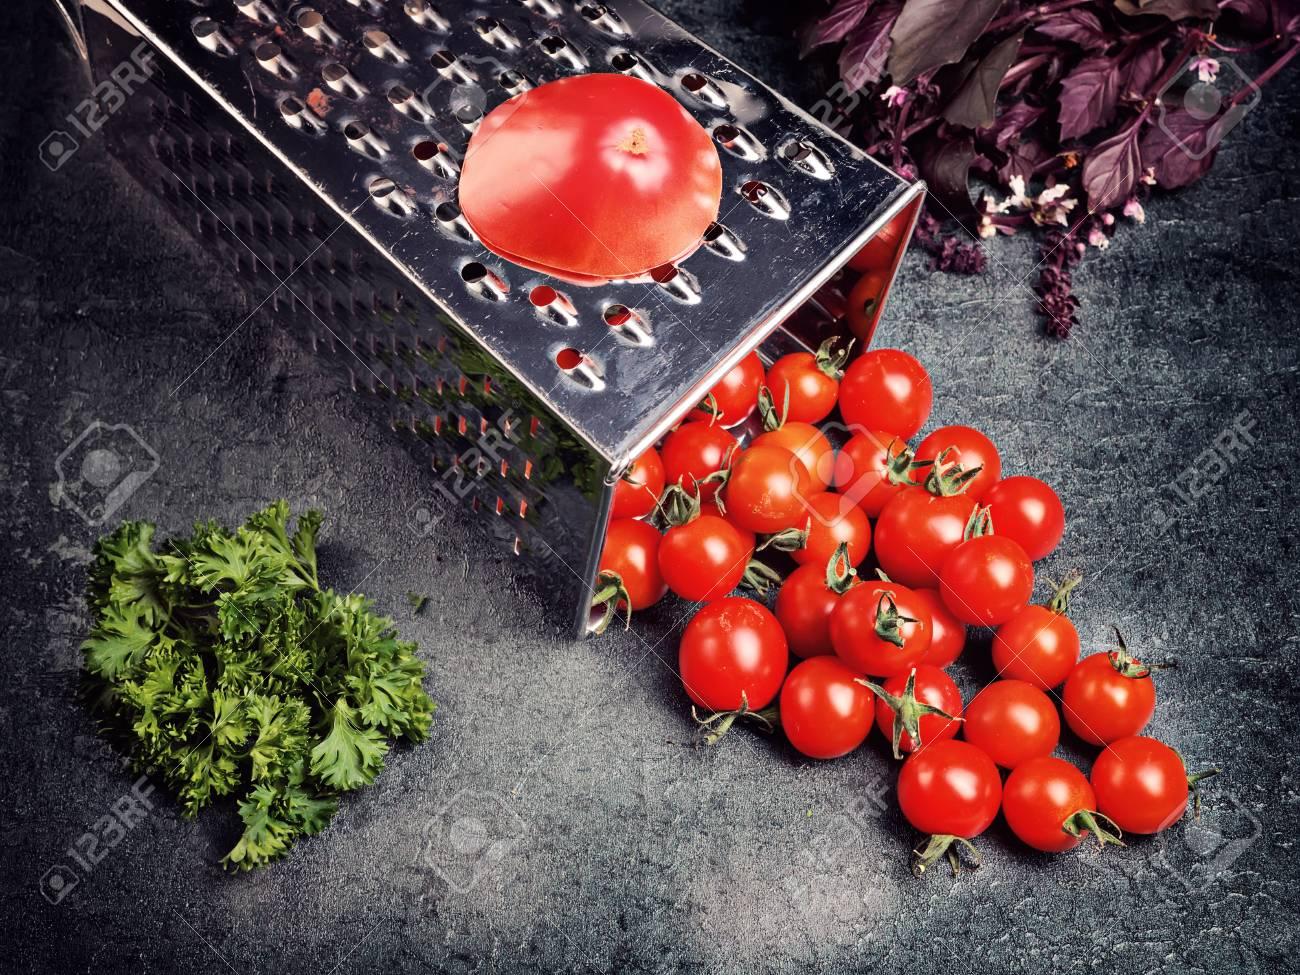 concept culinaire. nature morte. accessoire de cuisine. préparation